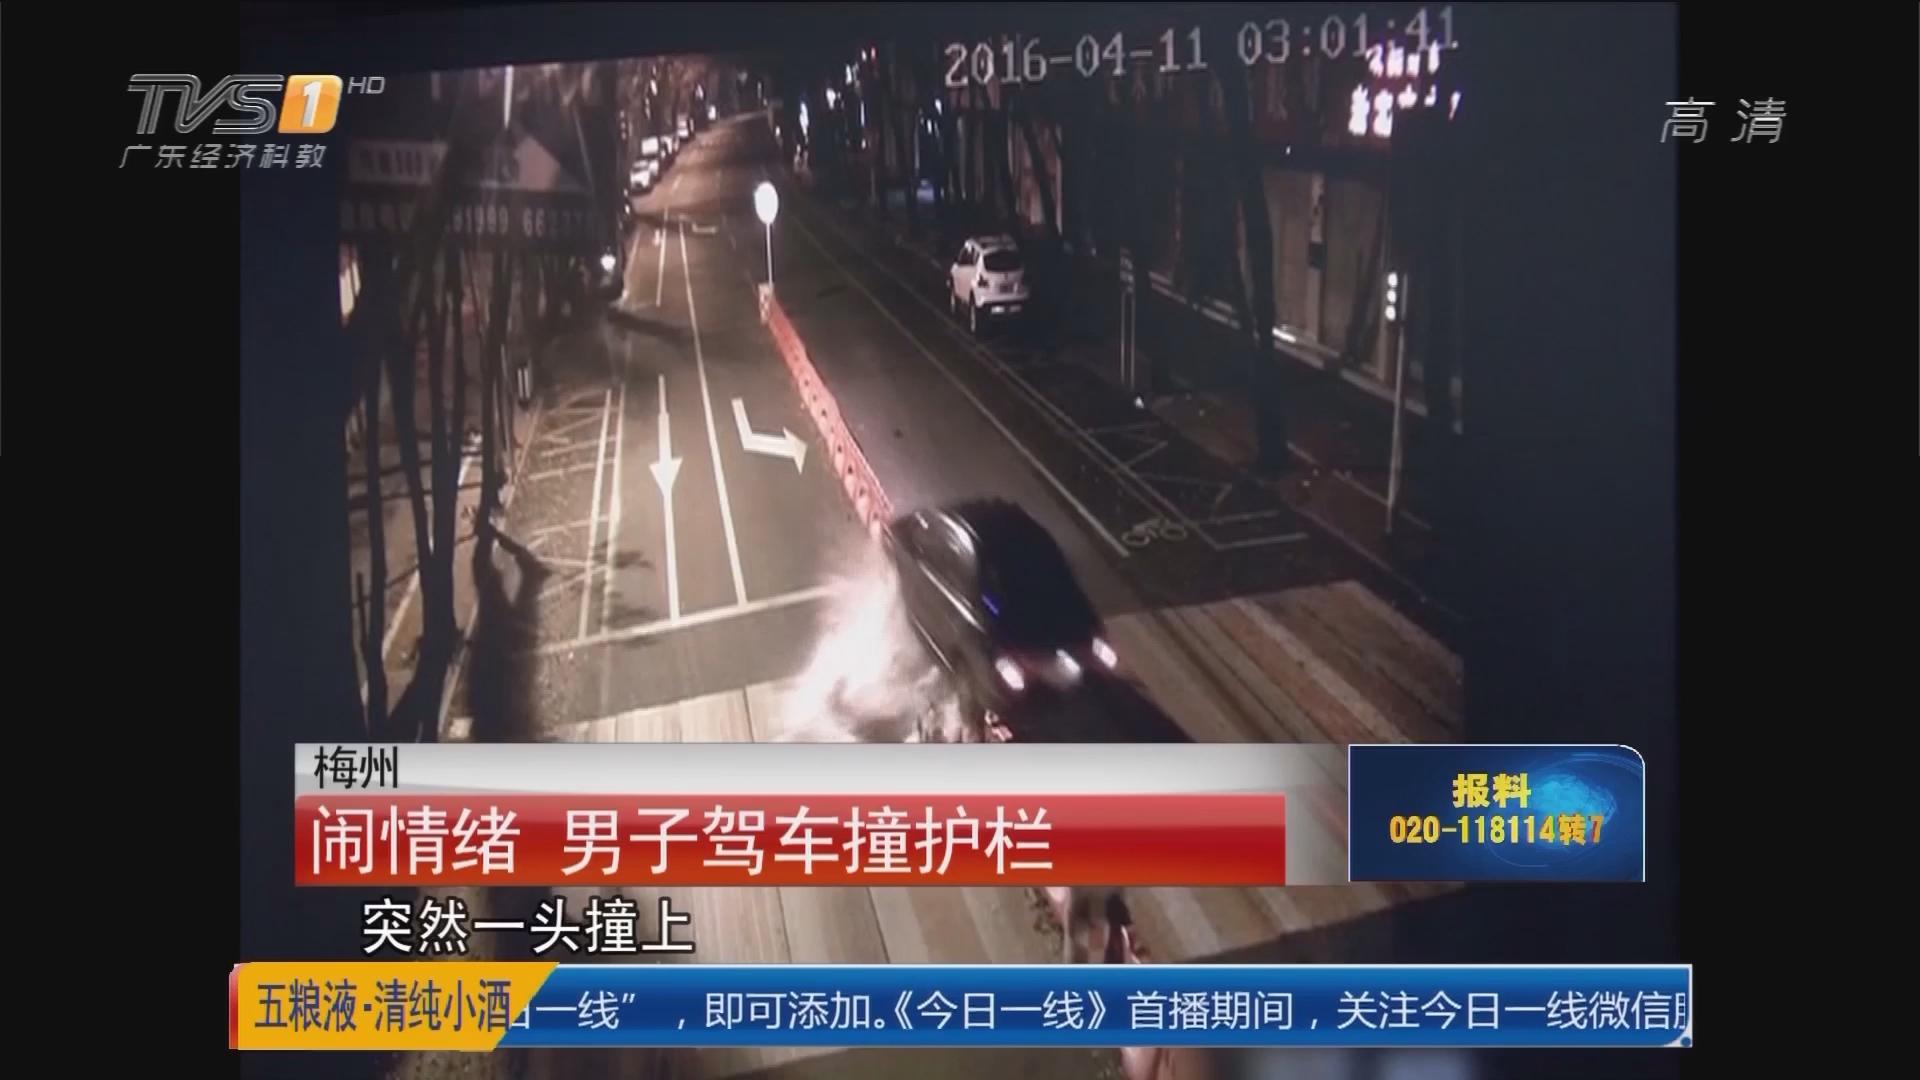 梅州:闹情绪 男子驾车撞护栏